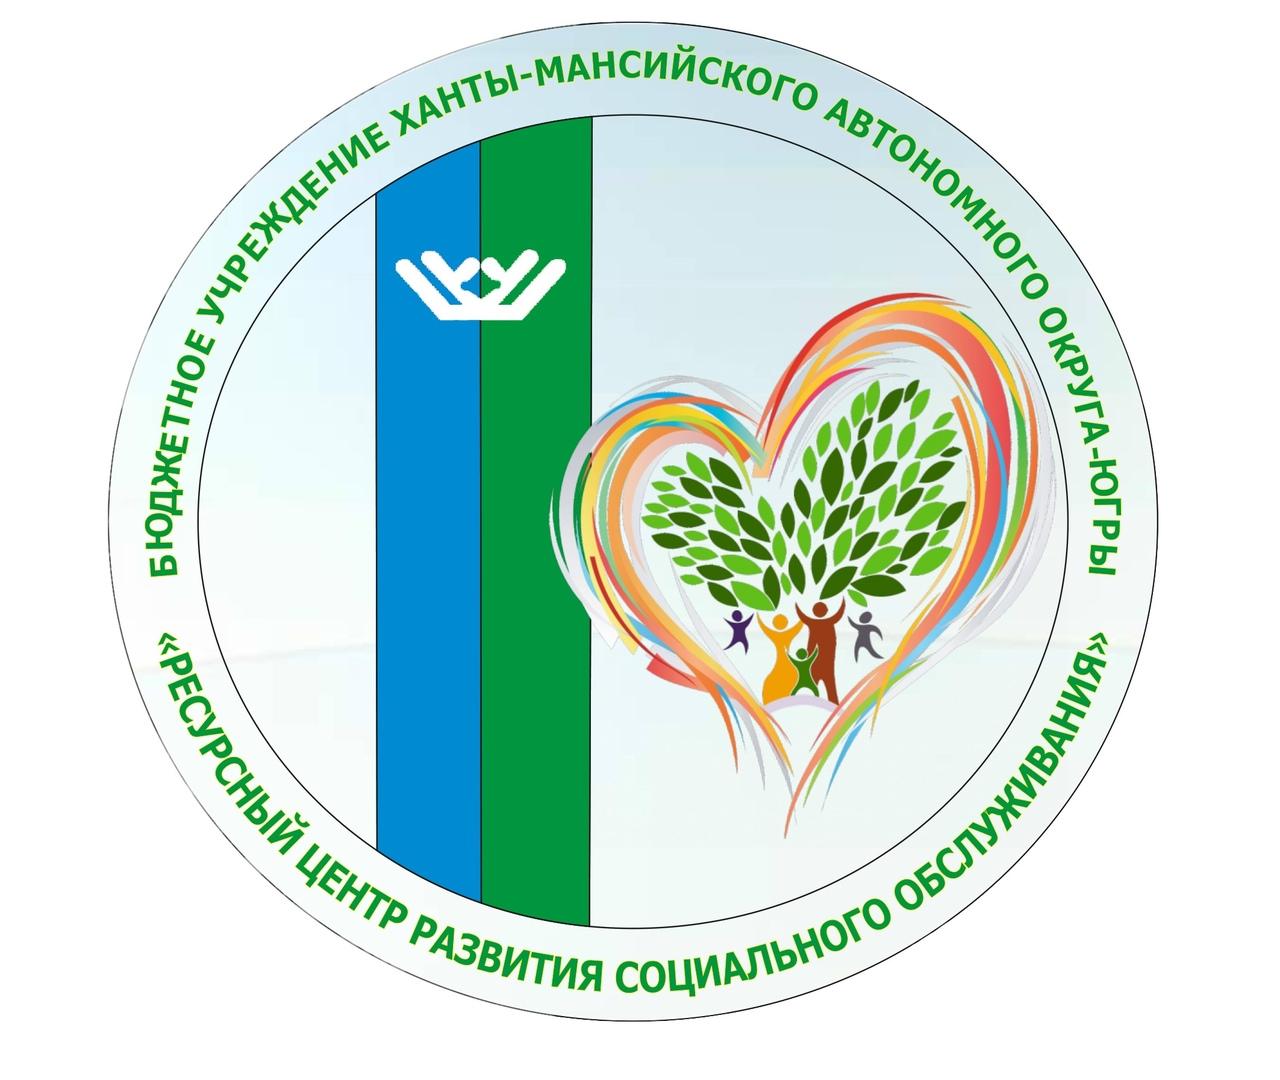 Ресурсный центр развития социального обслуживания